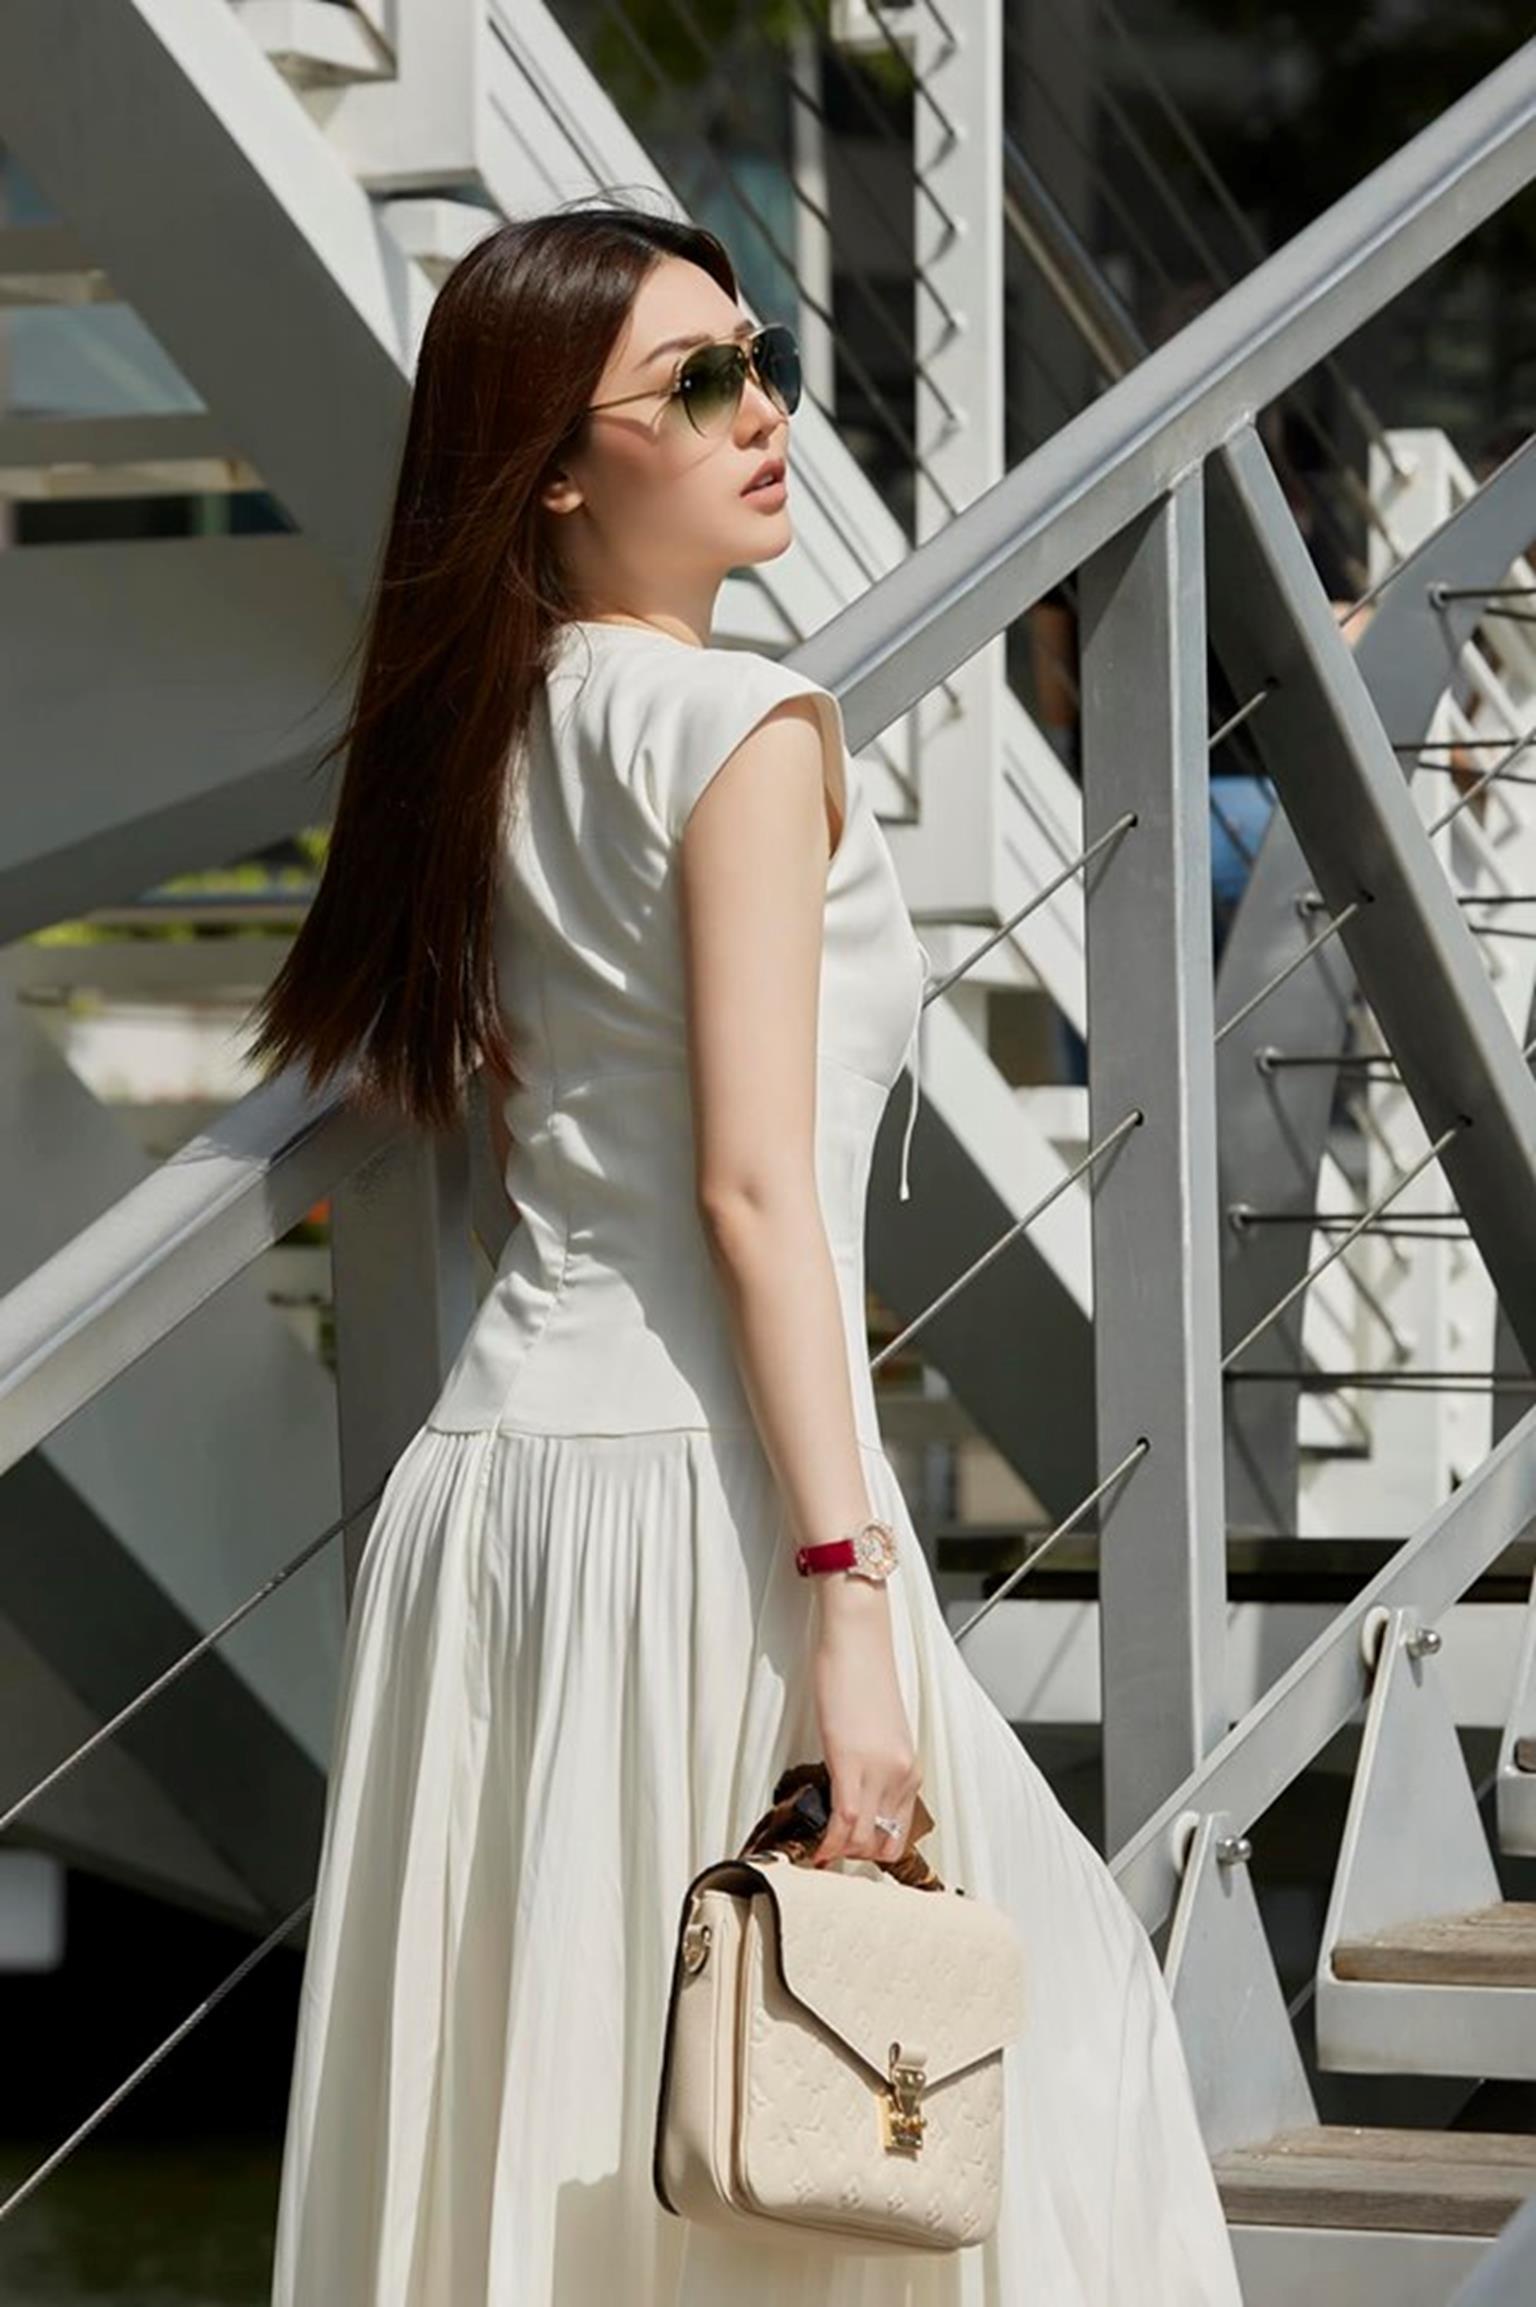 Mỹ nữ Vũng Tàu đi xe 70 tỷ mặc vest khoét sâu khoe vòng 1 nóng bỏng-7